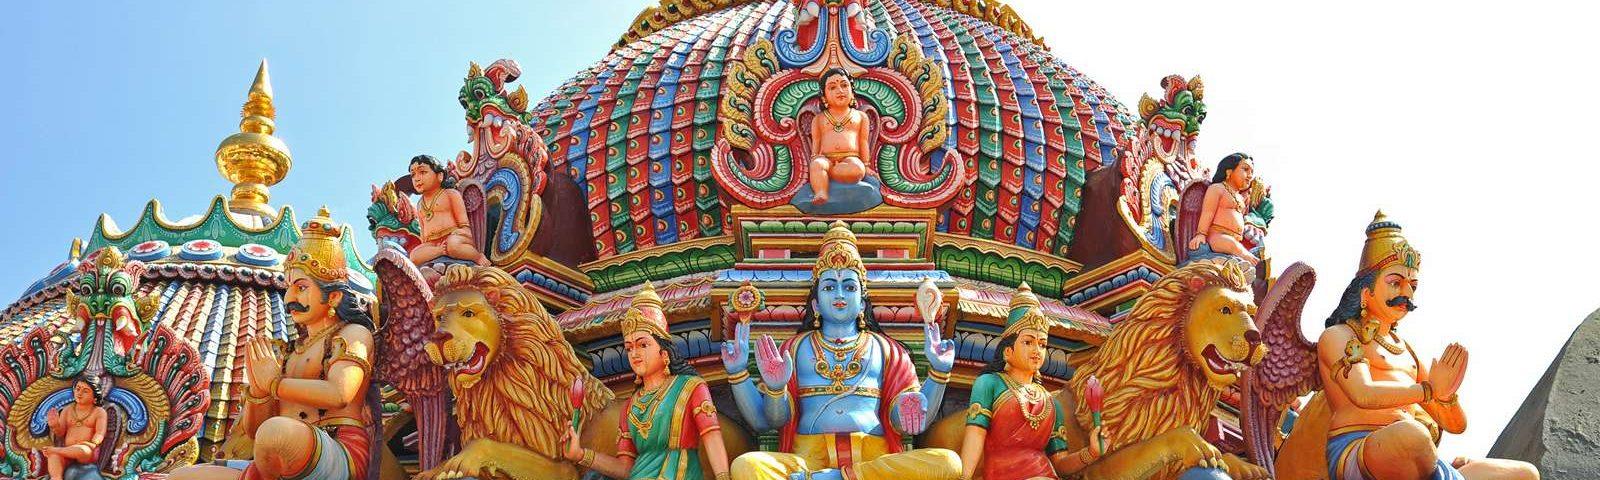 Индия - страна чудес и контрастов